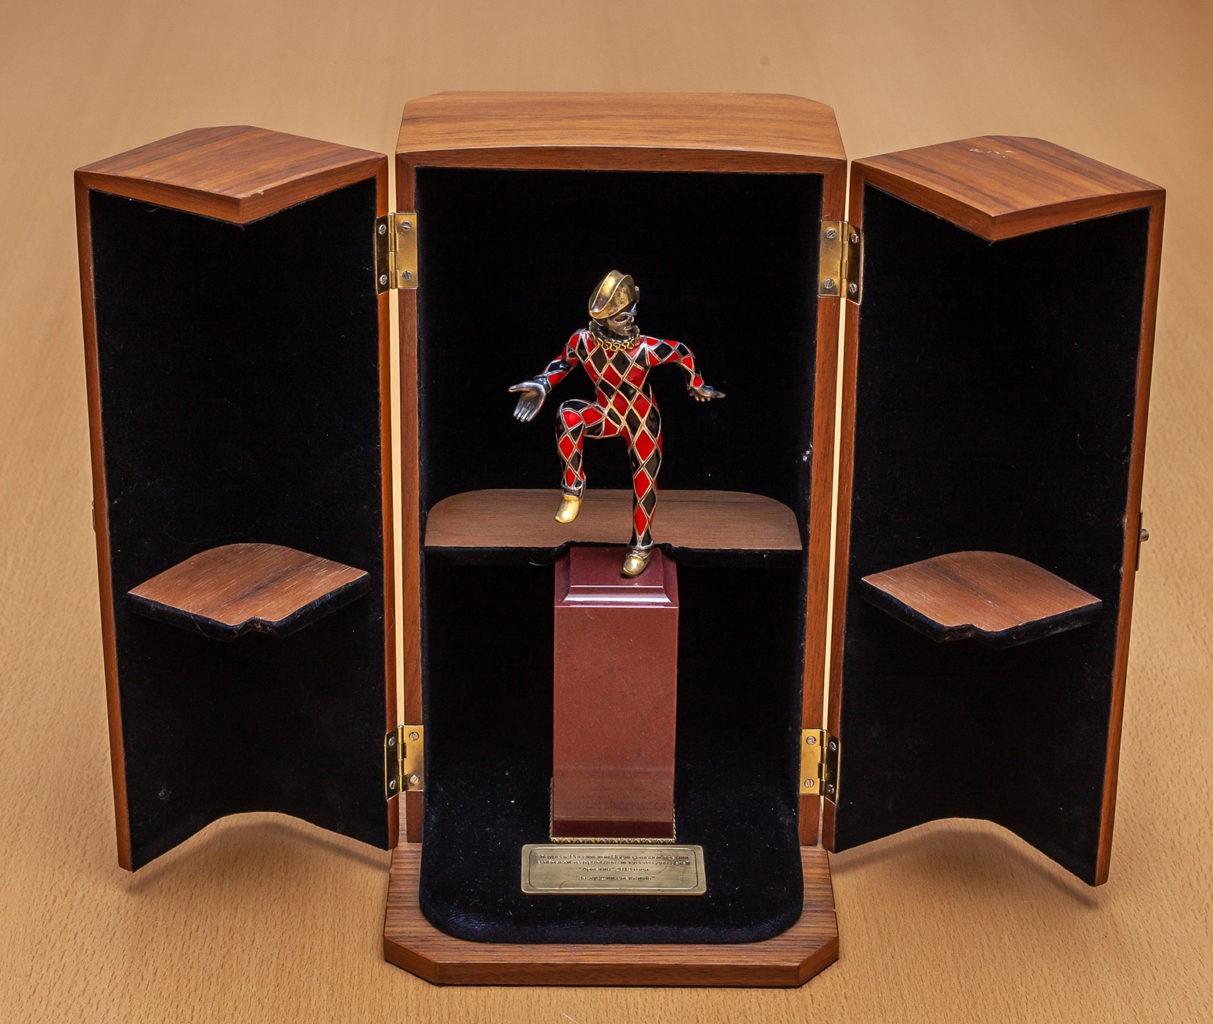 Лауреат Российской Национальной премии в области театрального искусства для детей «Арлекин» 2013 года. «За лучший спектакль»: памятный знак «Арлекин»